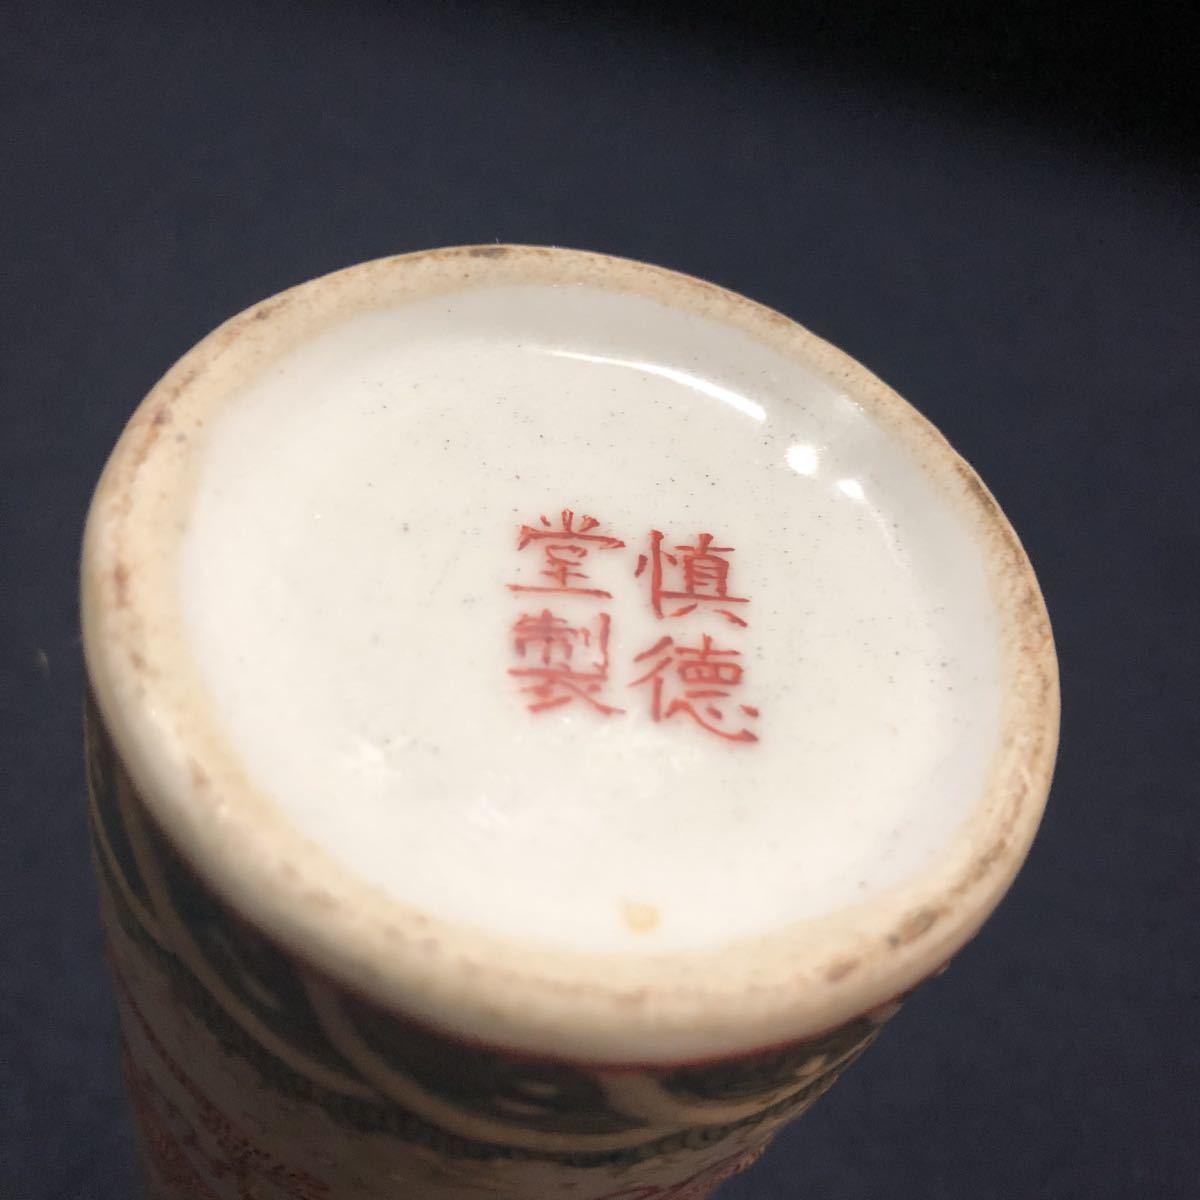 中国 古美術 古玩 在銘 慎德堂製 粉彩筆筒 龍紋 書道具 筆入れ(ゆうパック着払い)_画像9